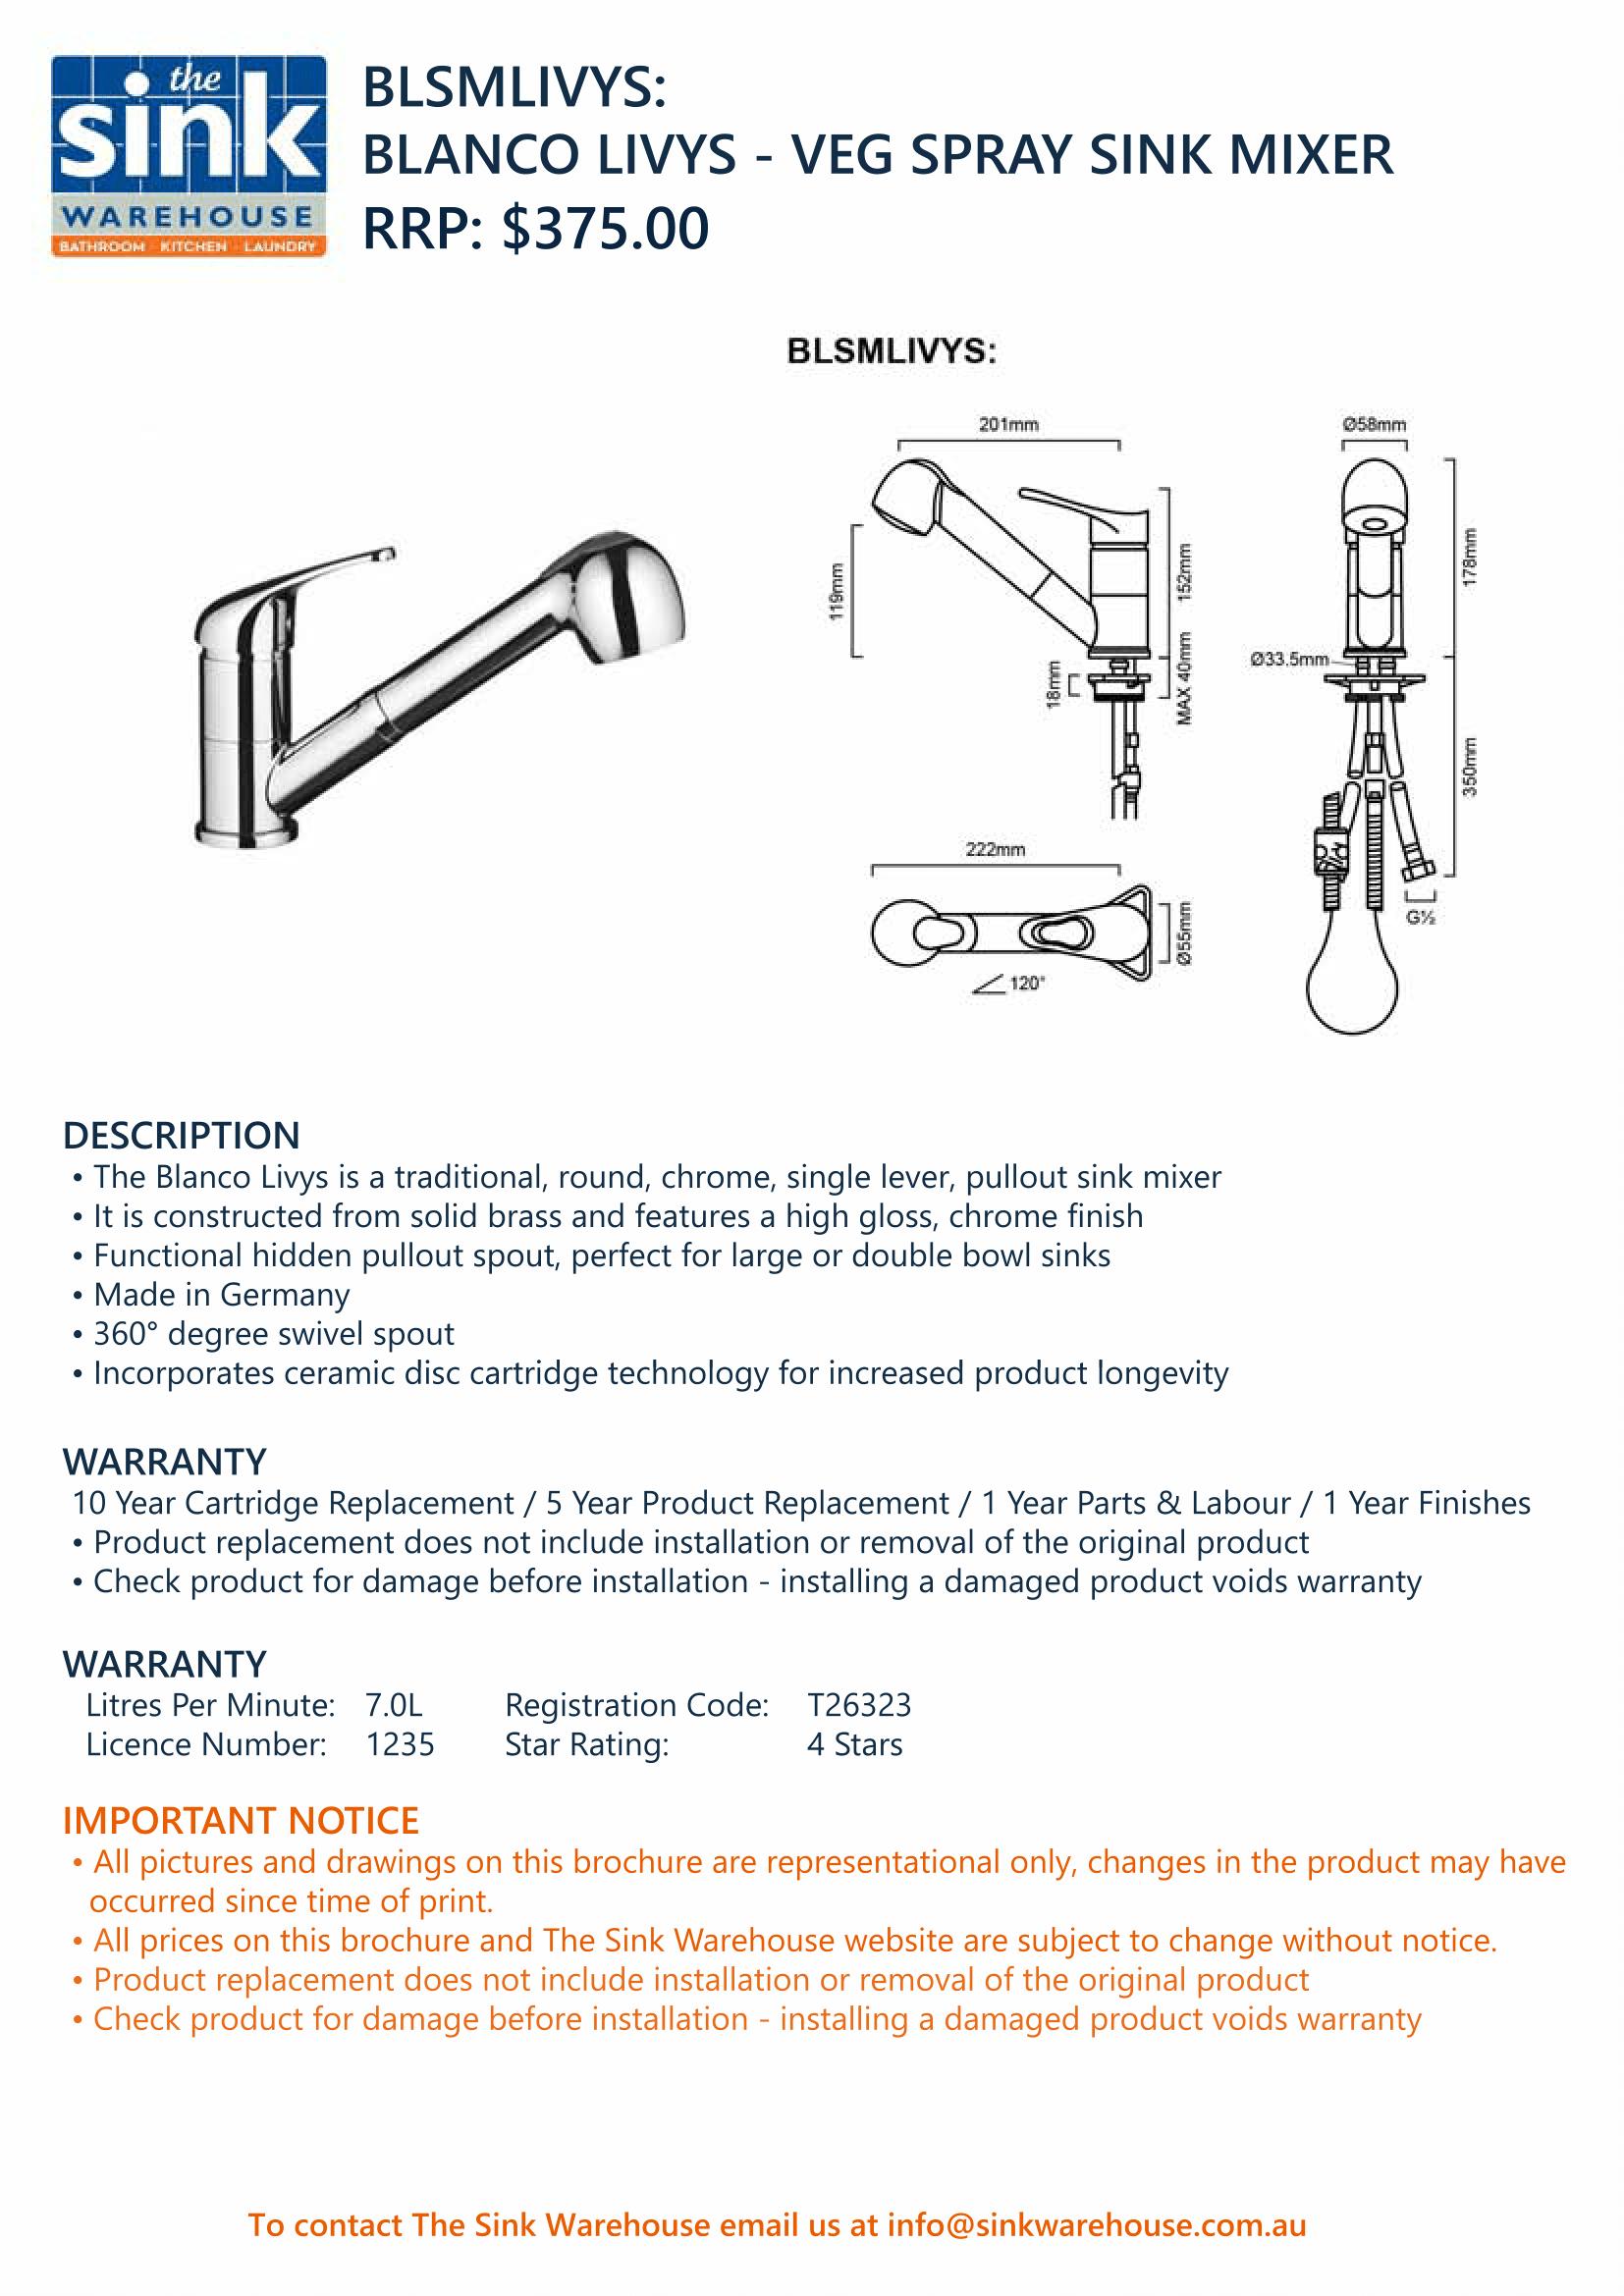 blsmlivys-product-spec-sheet-1.png